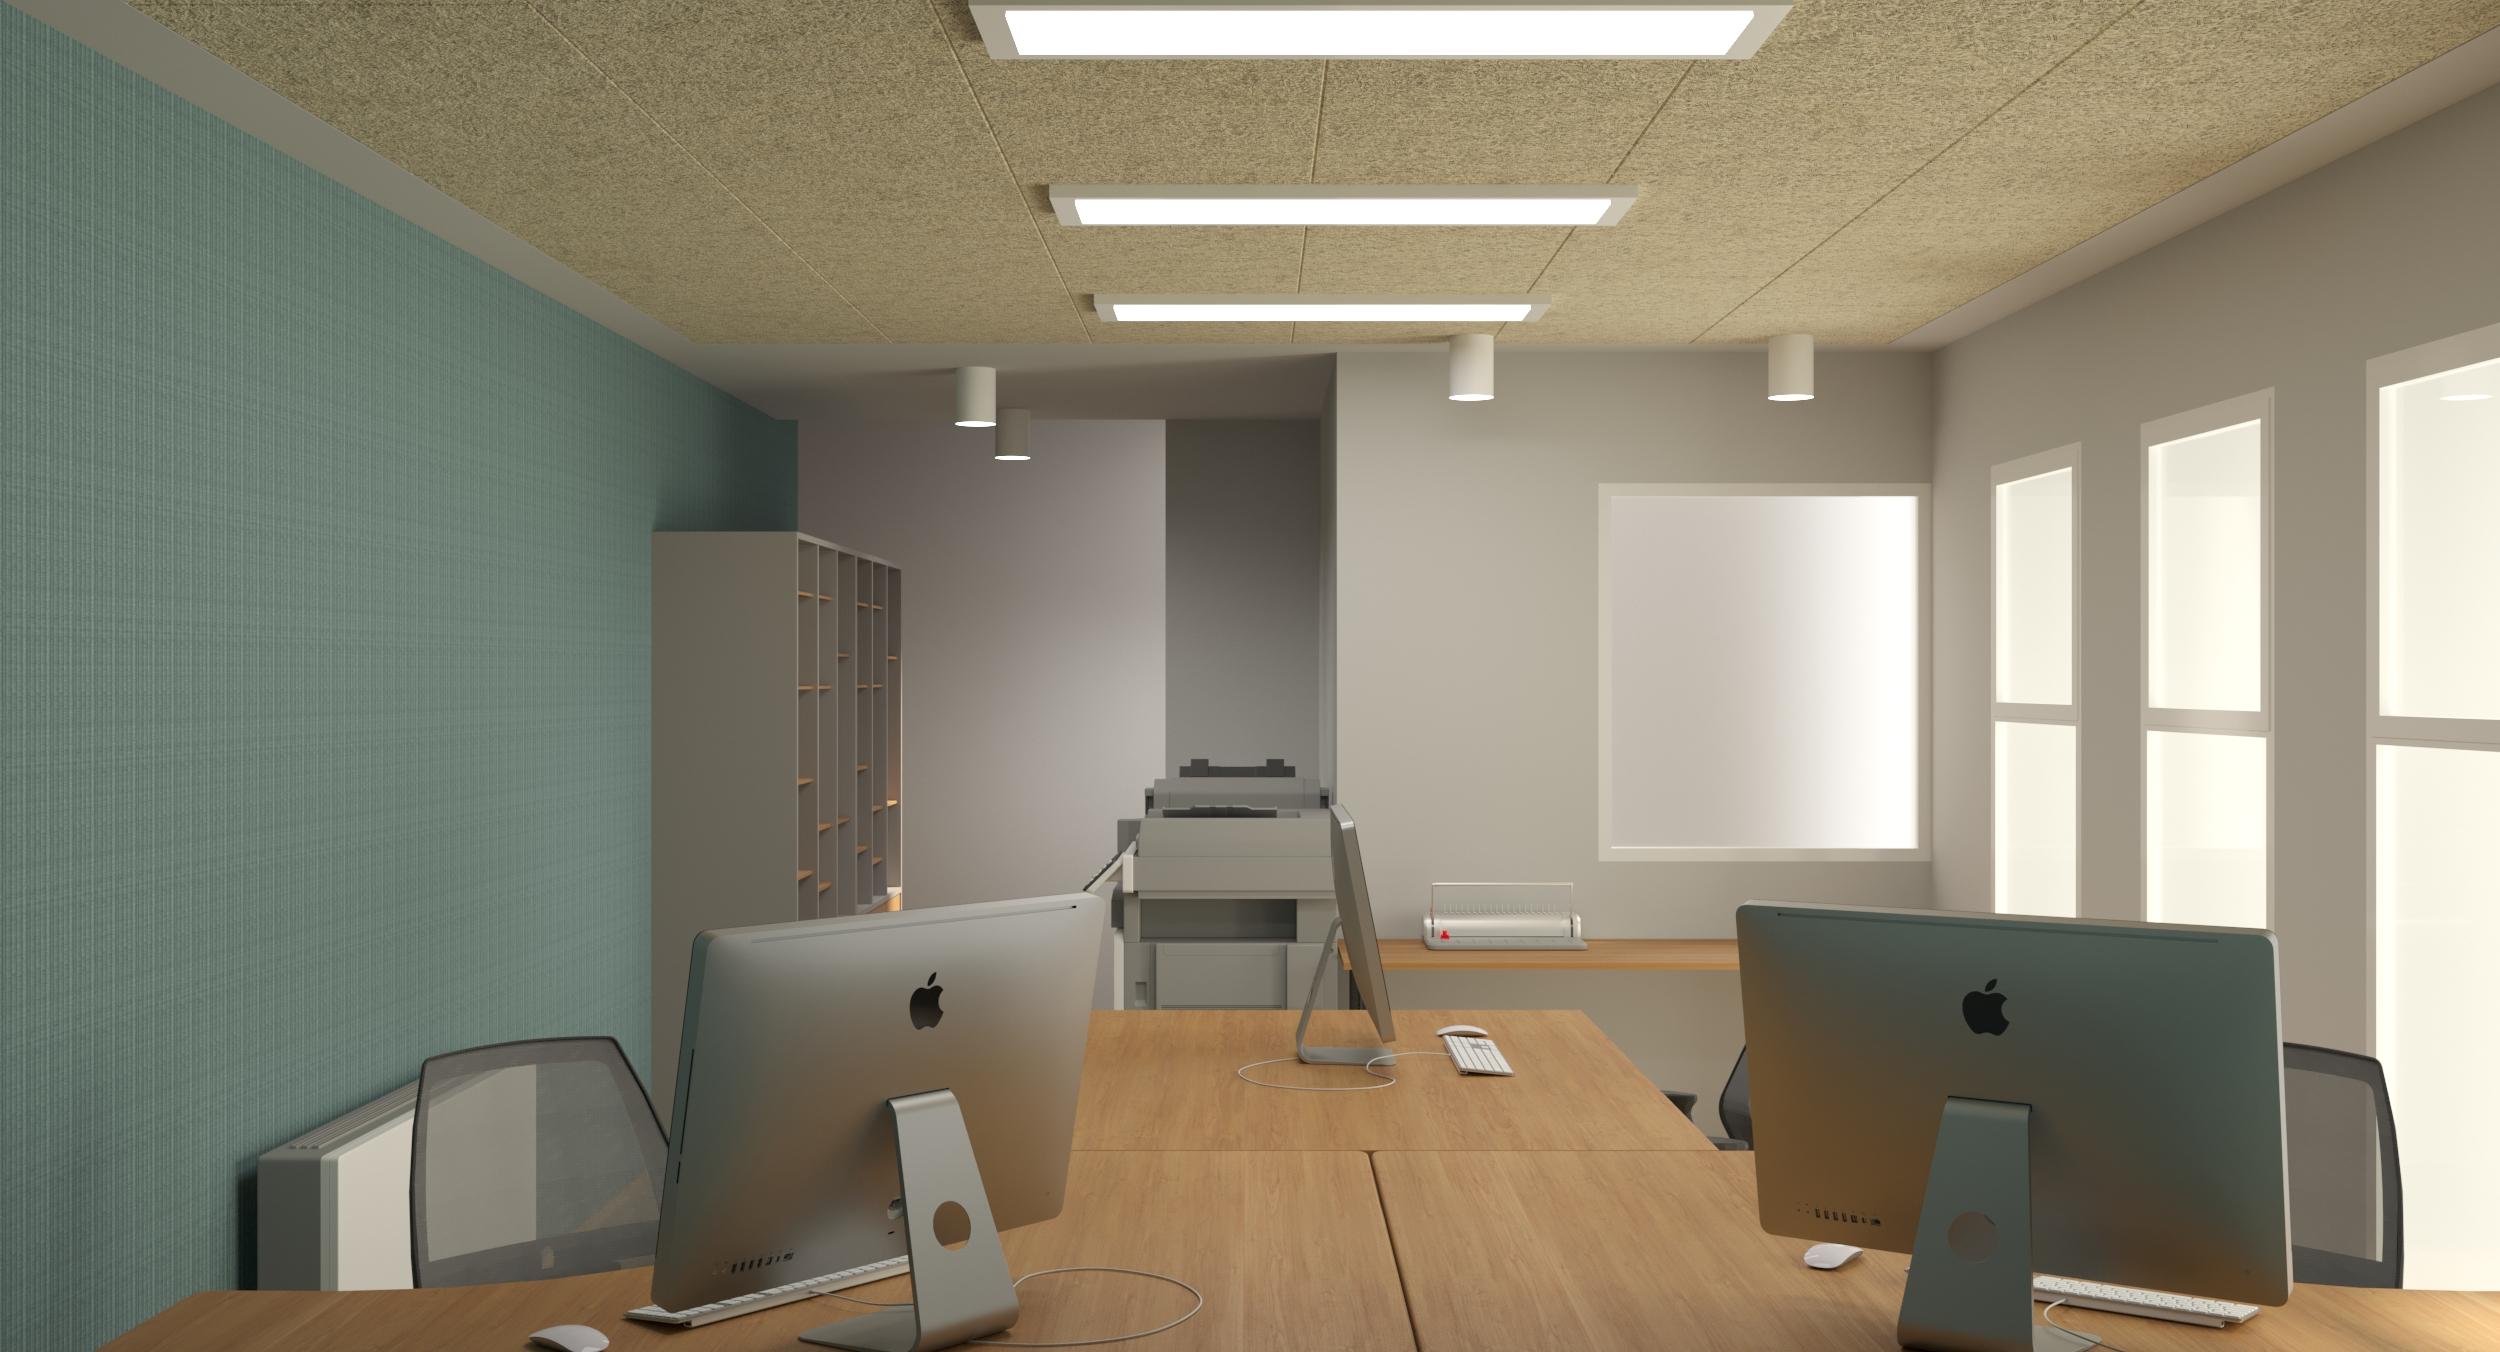 emmme studio slow design oficinas ordenanzas Enresa  03.jpg